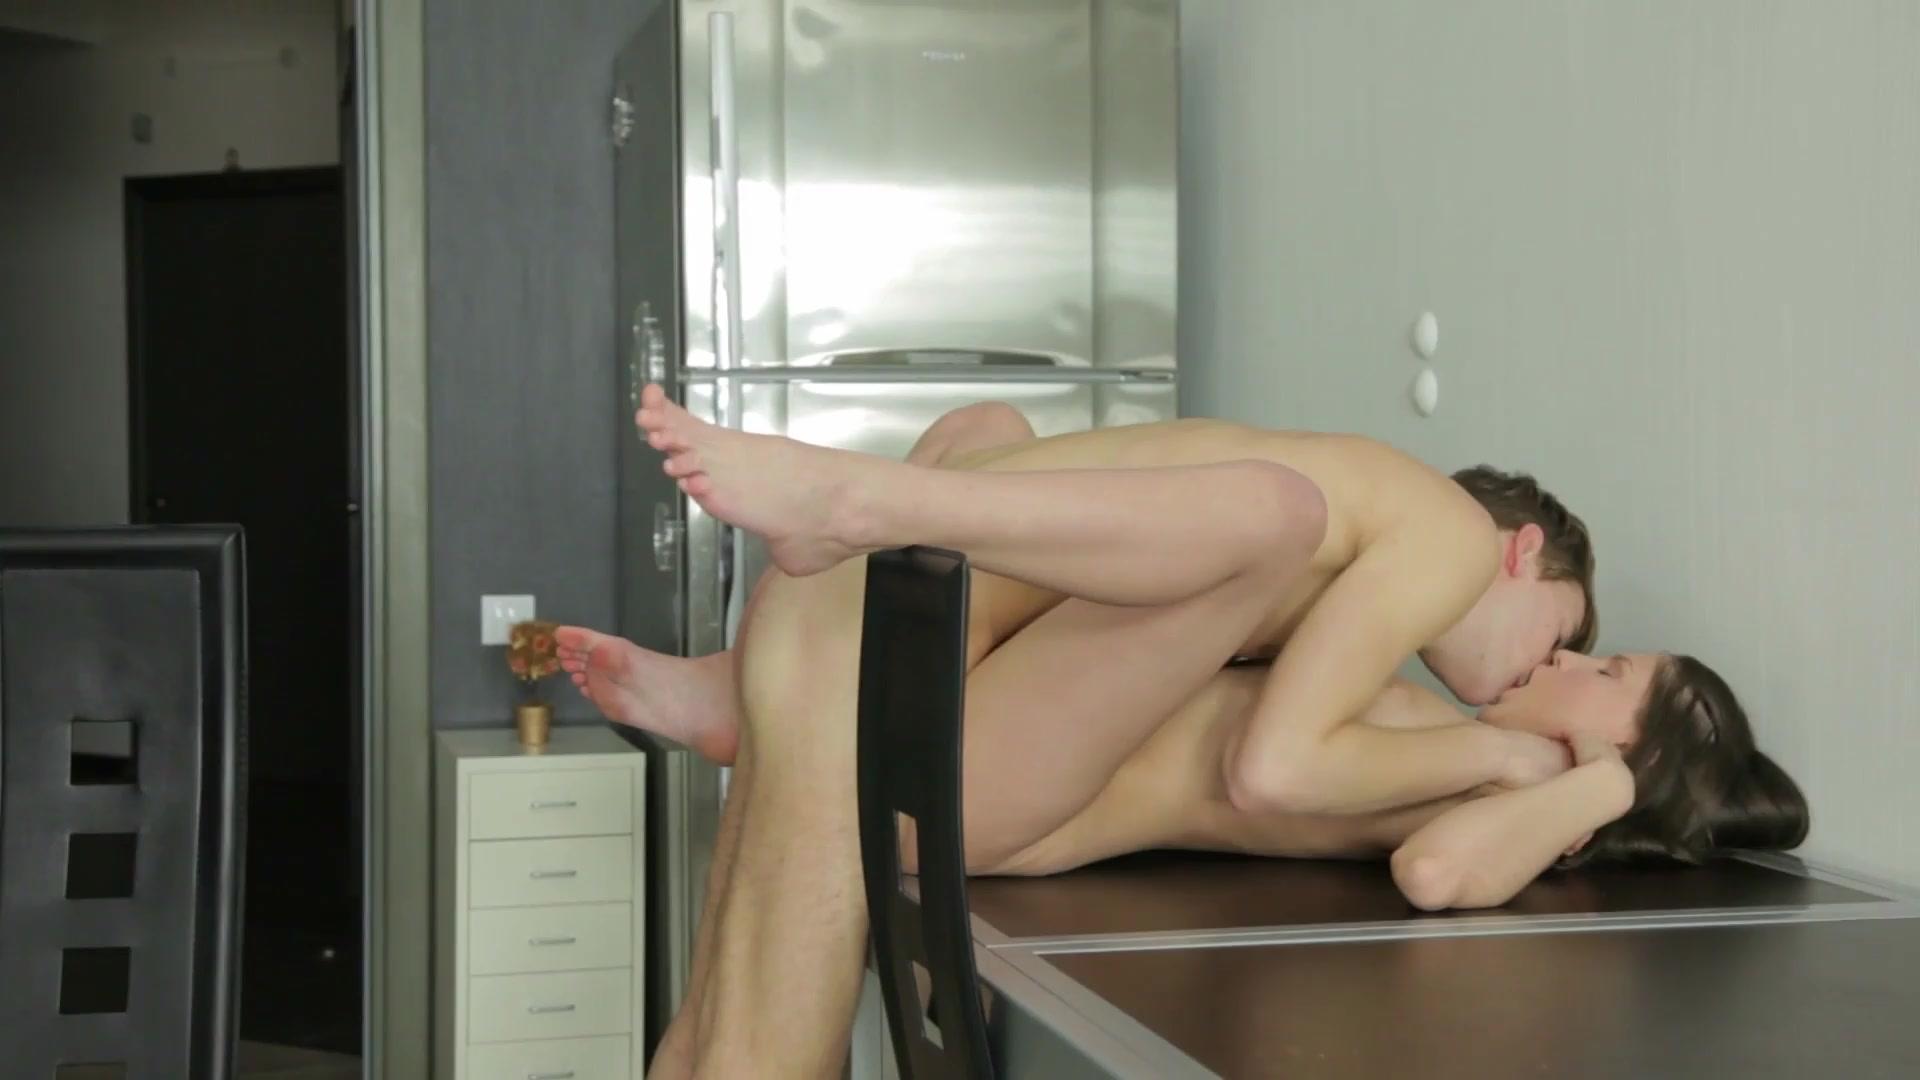 starpom-odezhde-nayti-video-pro-seks-zanyalis-na-kuhonnom-stole-orgazmom-zhurnal-foto